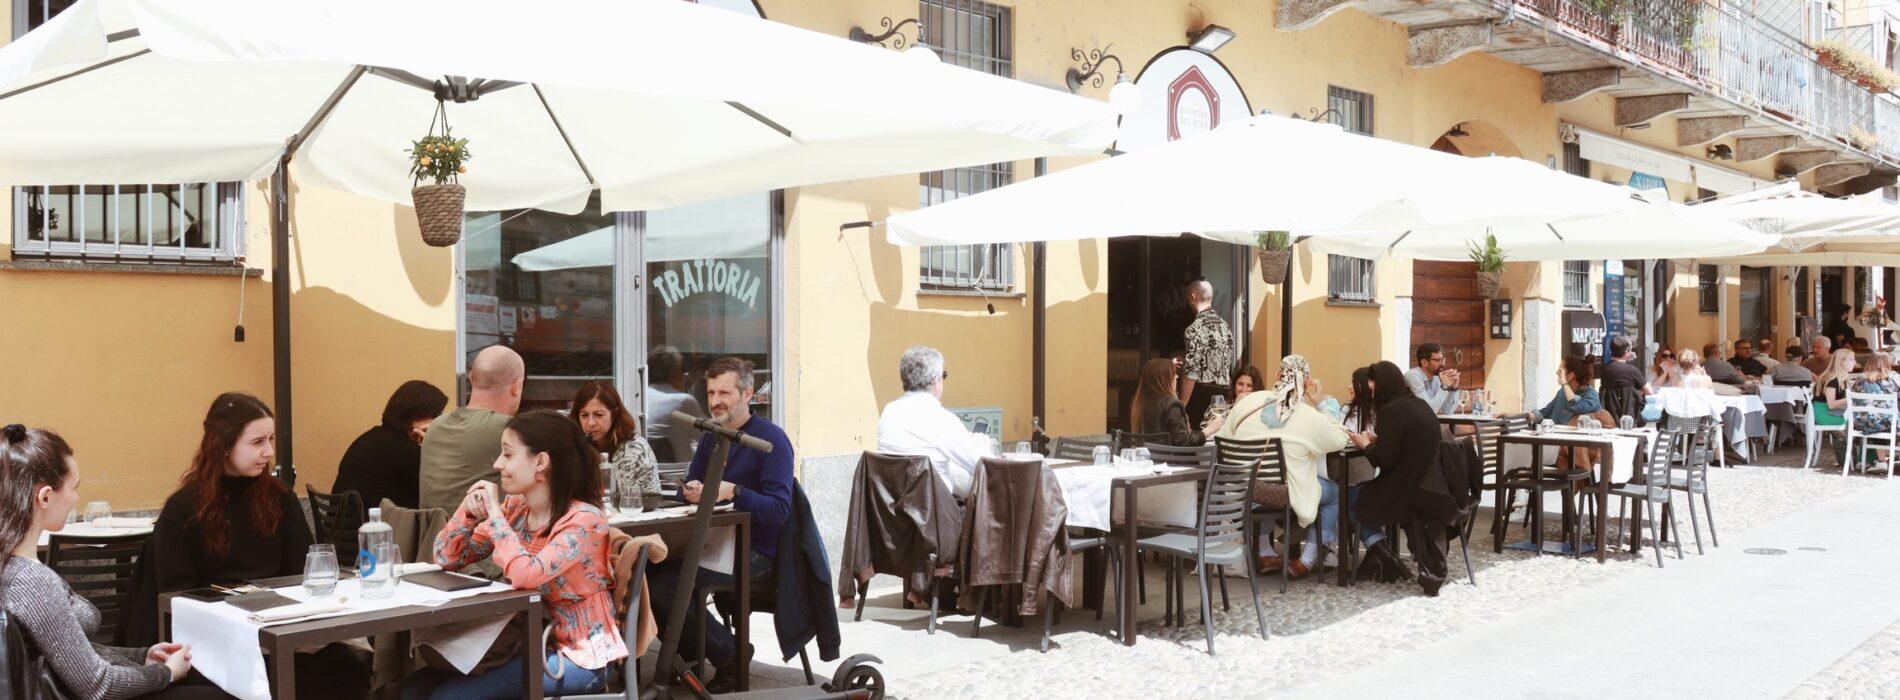 Nuove aperture a Milano giugno 2021: da GUD Bagni Misteriosi a Officina Design Café